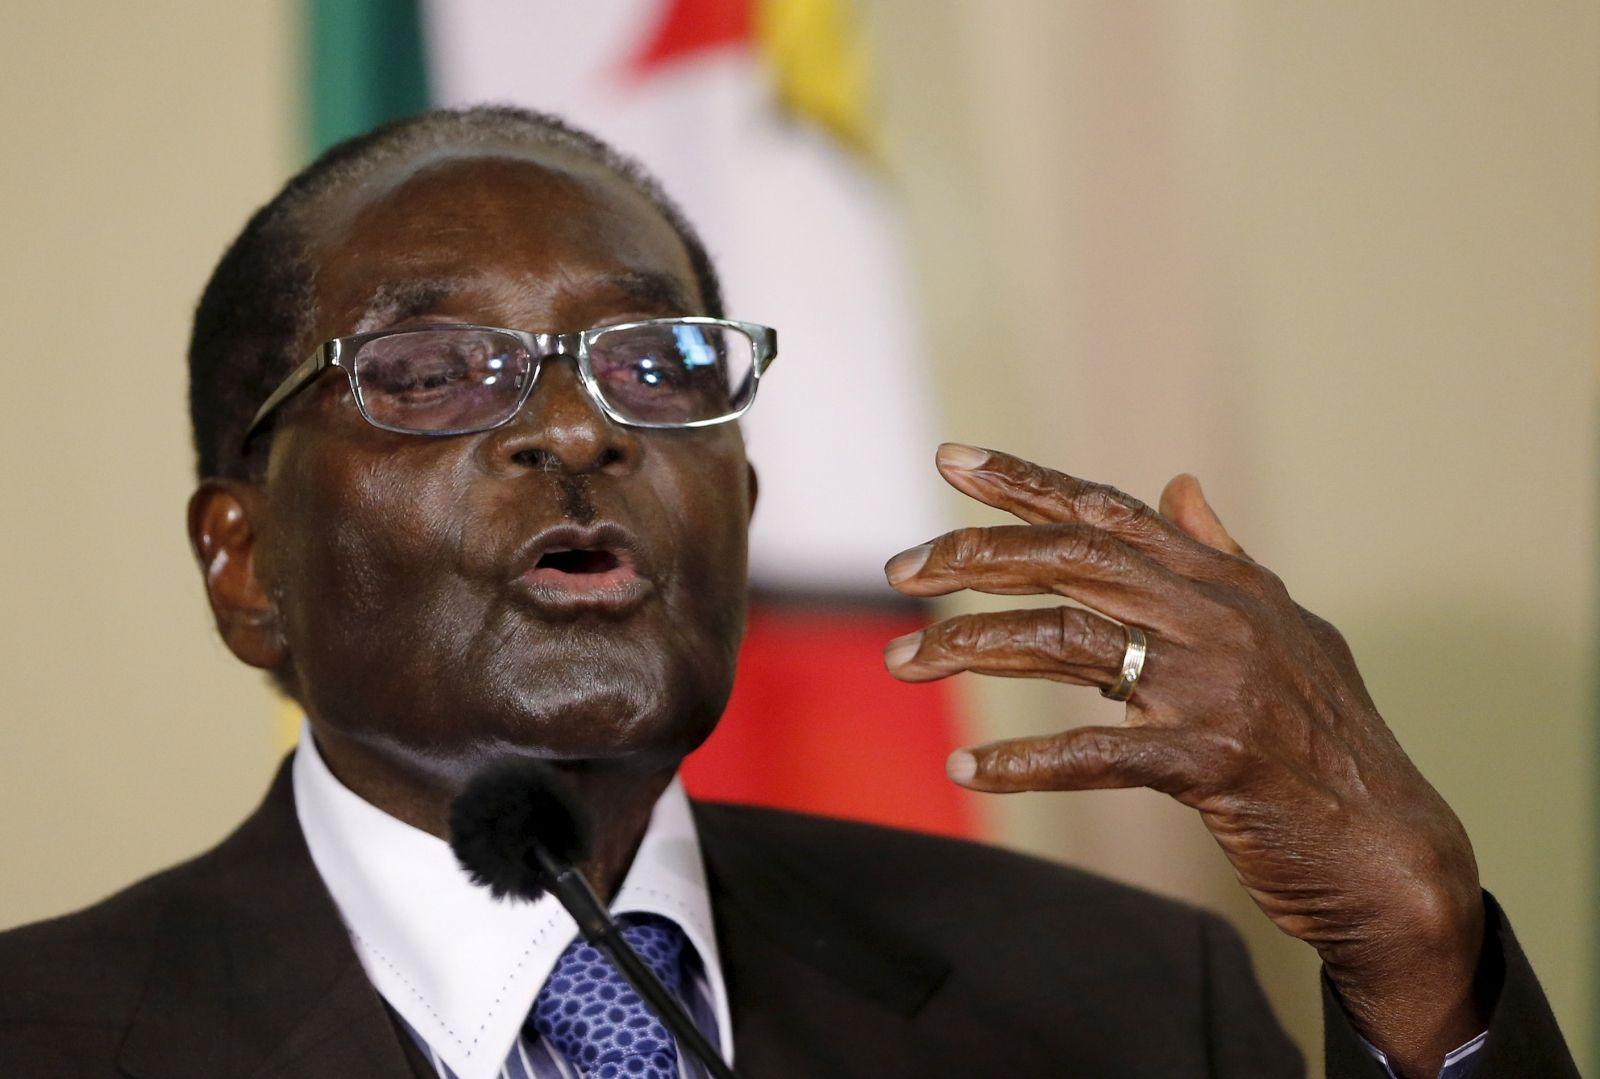 Mugabe Proposes to Barack Obama